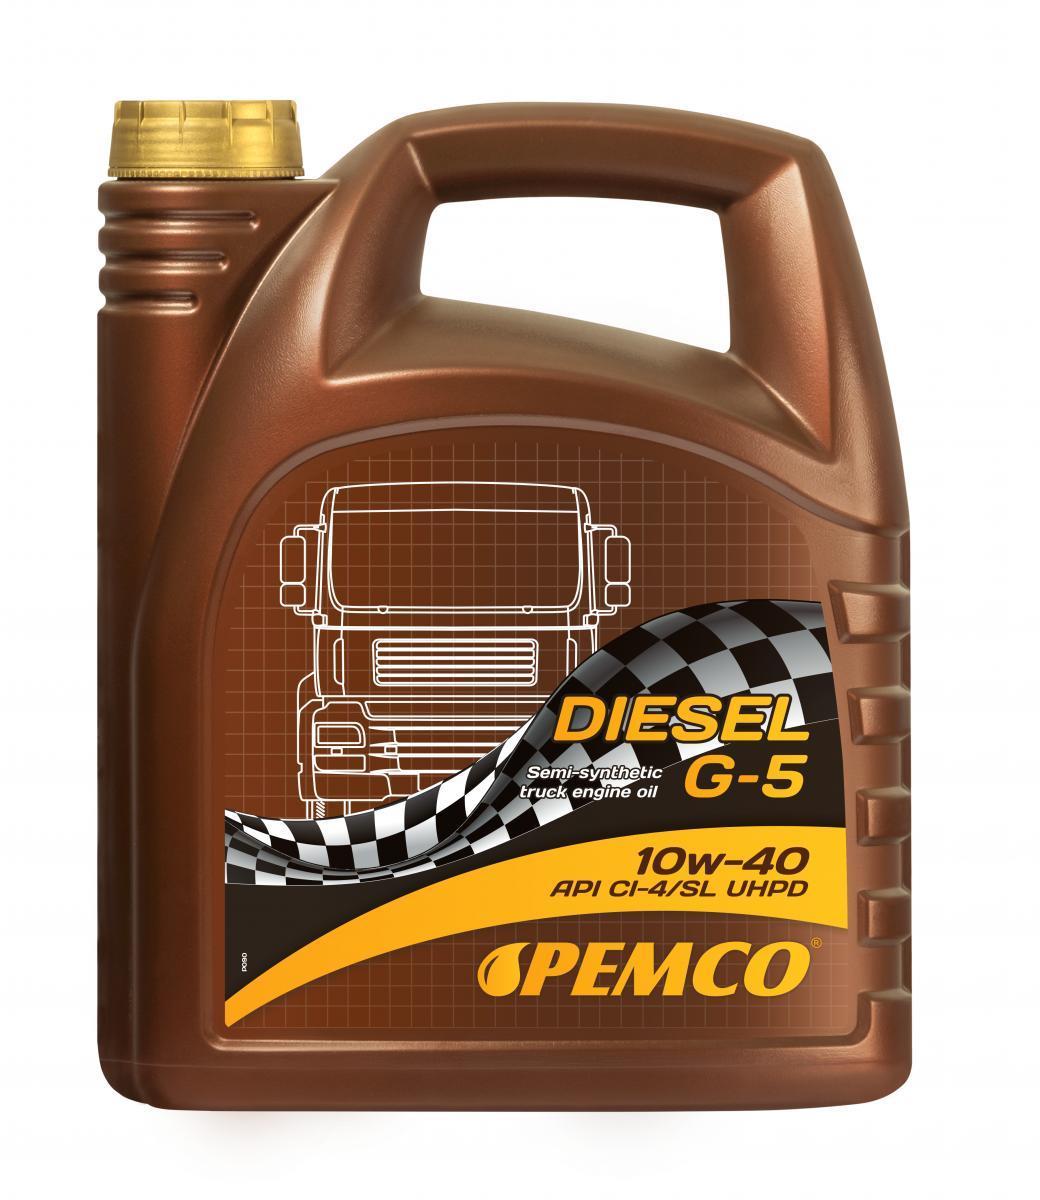 PEMCO Truck UHPD, DIESEL G-5 UHPD PM0705-5 Motoröl